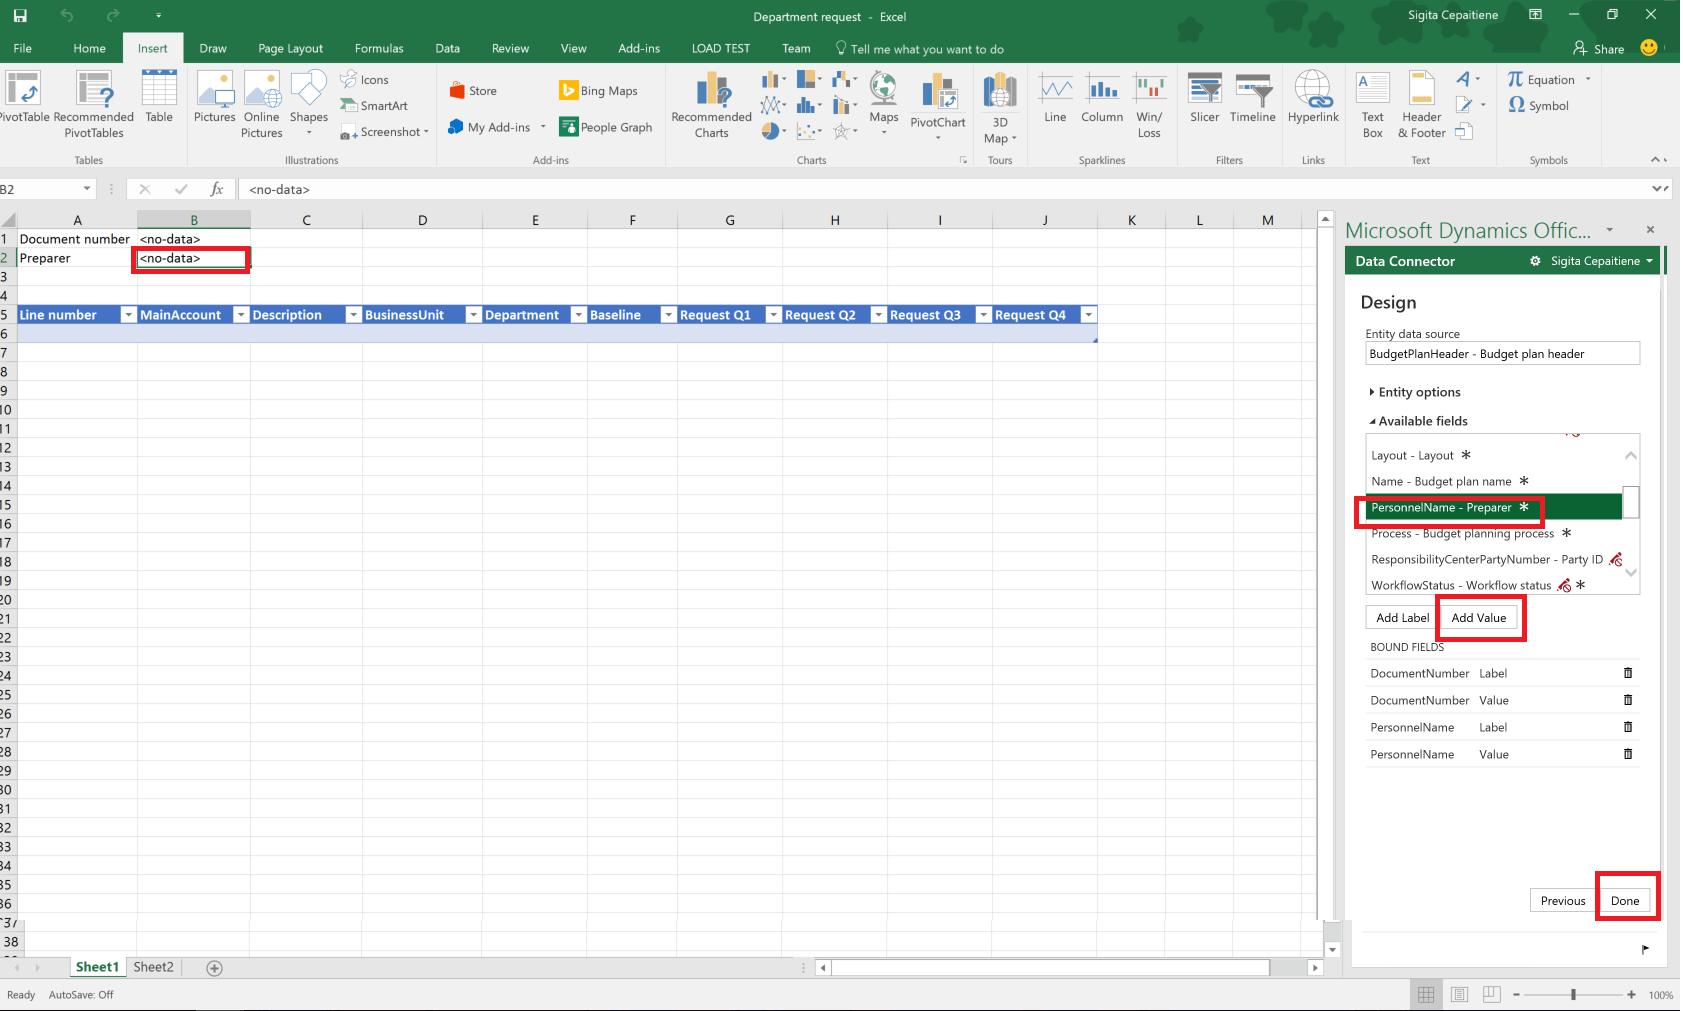 Budsjettplanleggingsmaler For Excel